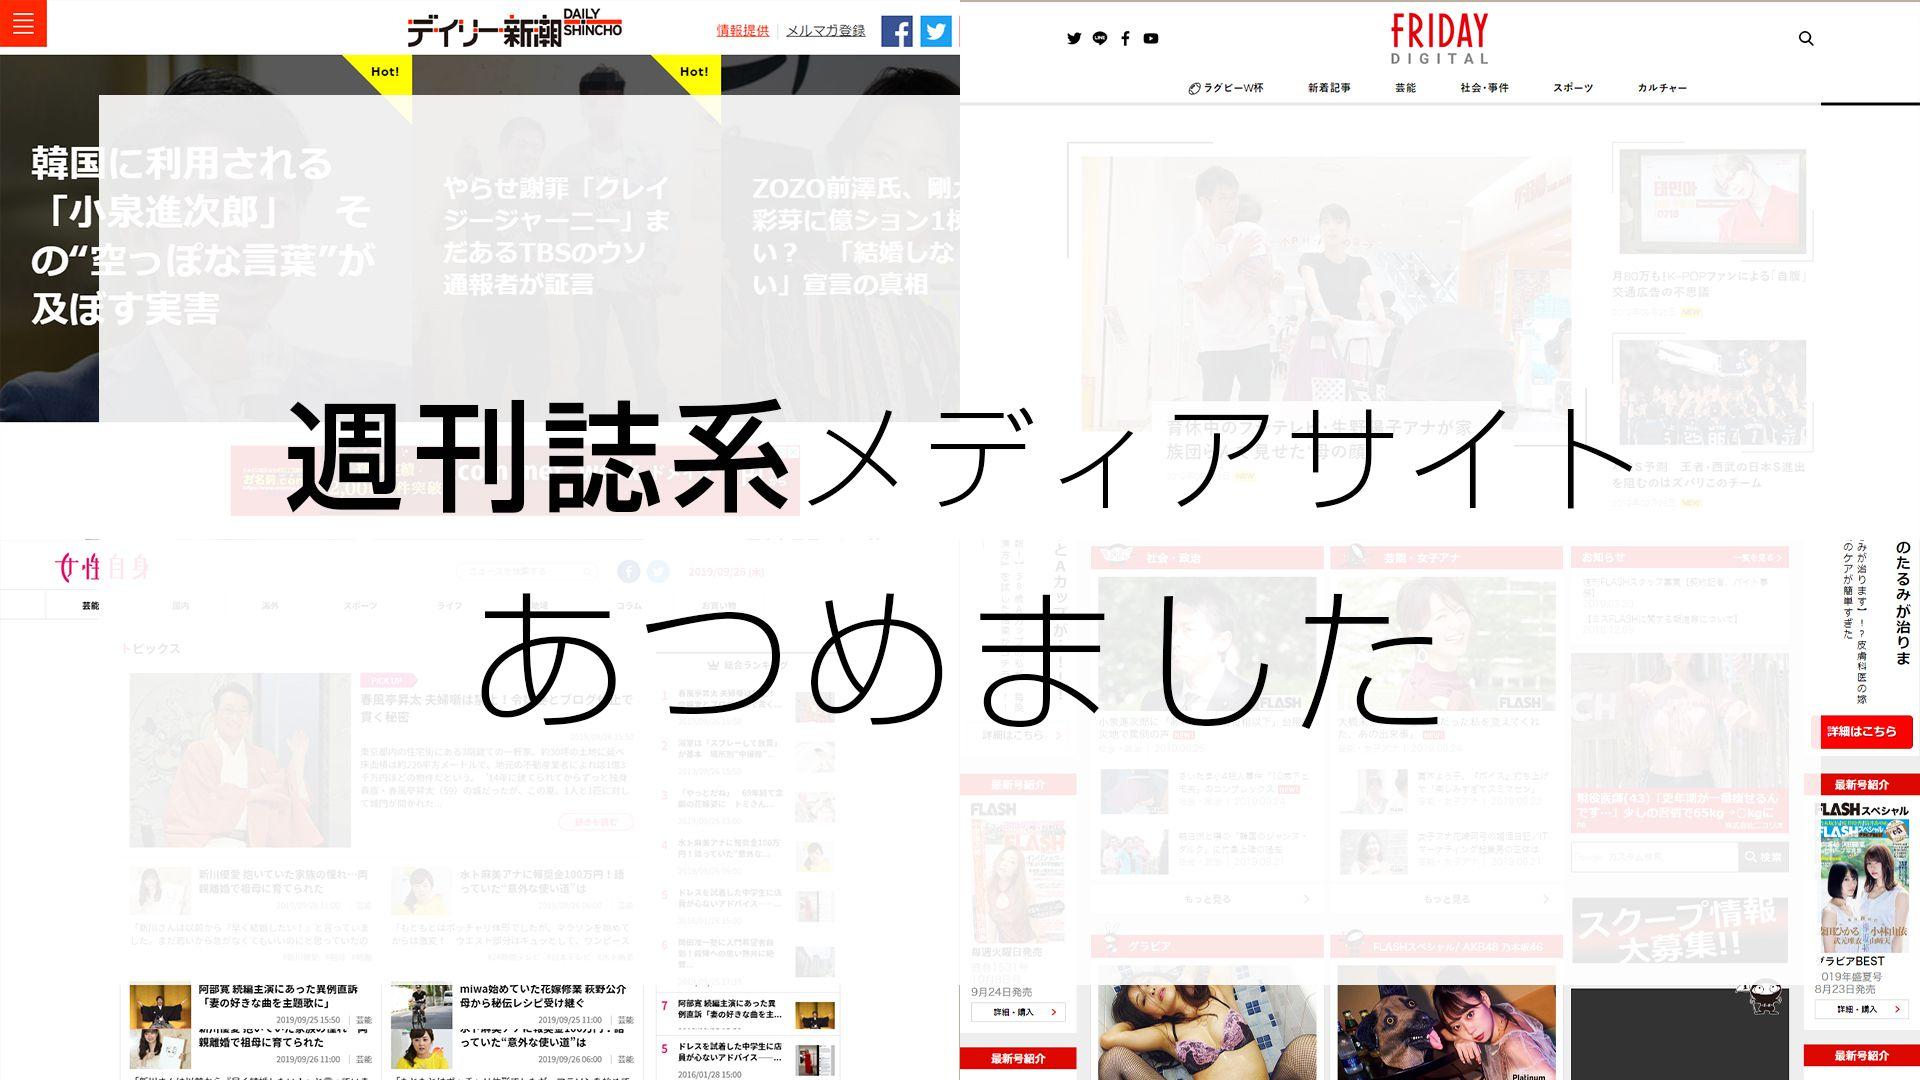 週刊誌・スクープ系のメディア情報サイトを集めました【リンク集|9選】